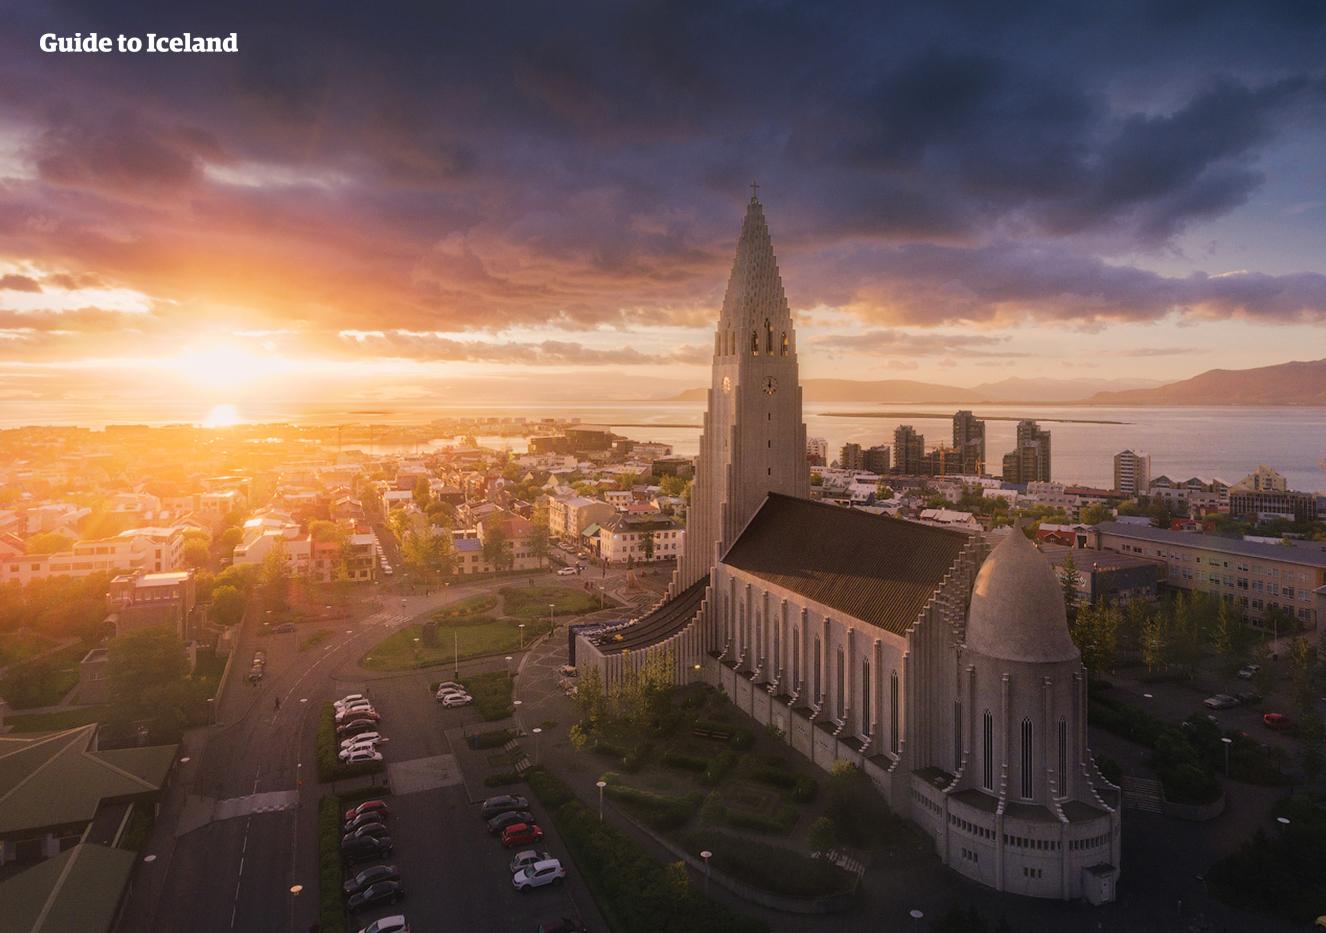 พื้นที่ส่วนใหญ่ของไอซ์แลนด์มีมอสไอซ์แลนดิกอันบอบบางปกคลุมอยู่ หากโดนทำลายเสียหายมอสชนิดนี้ต้องใช้เวลาฟื้นตัวหลายทศวรรษ ดังนั้นจึงห้ามเหยียบเด็ดขาด